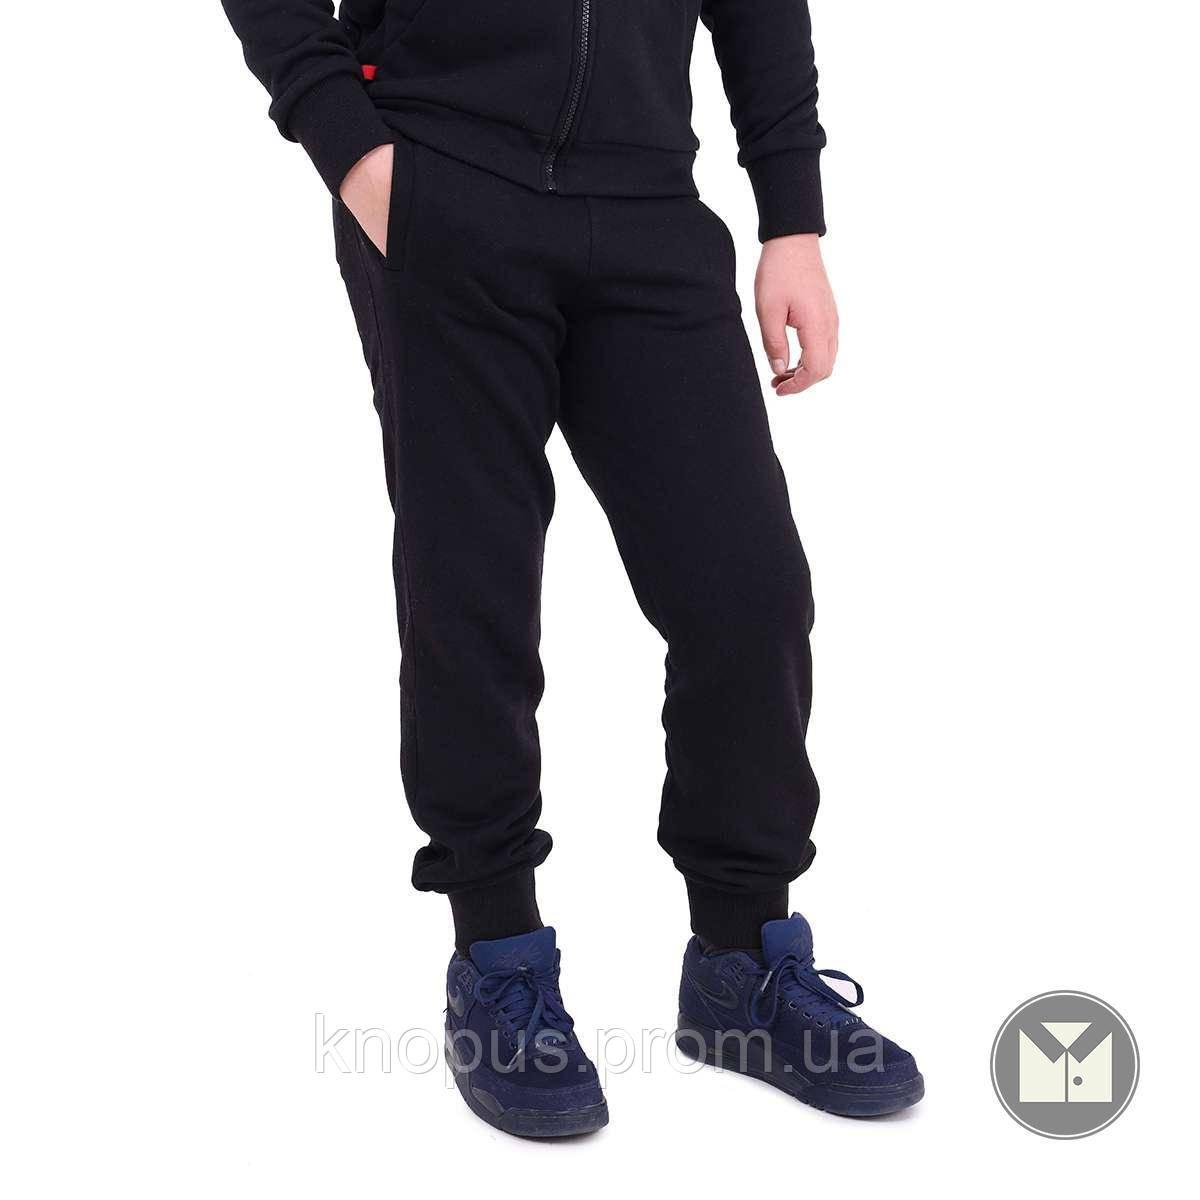 Спортивные штани  утепленные , черные, размер 140, Тимбо